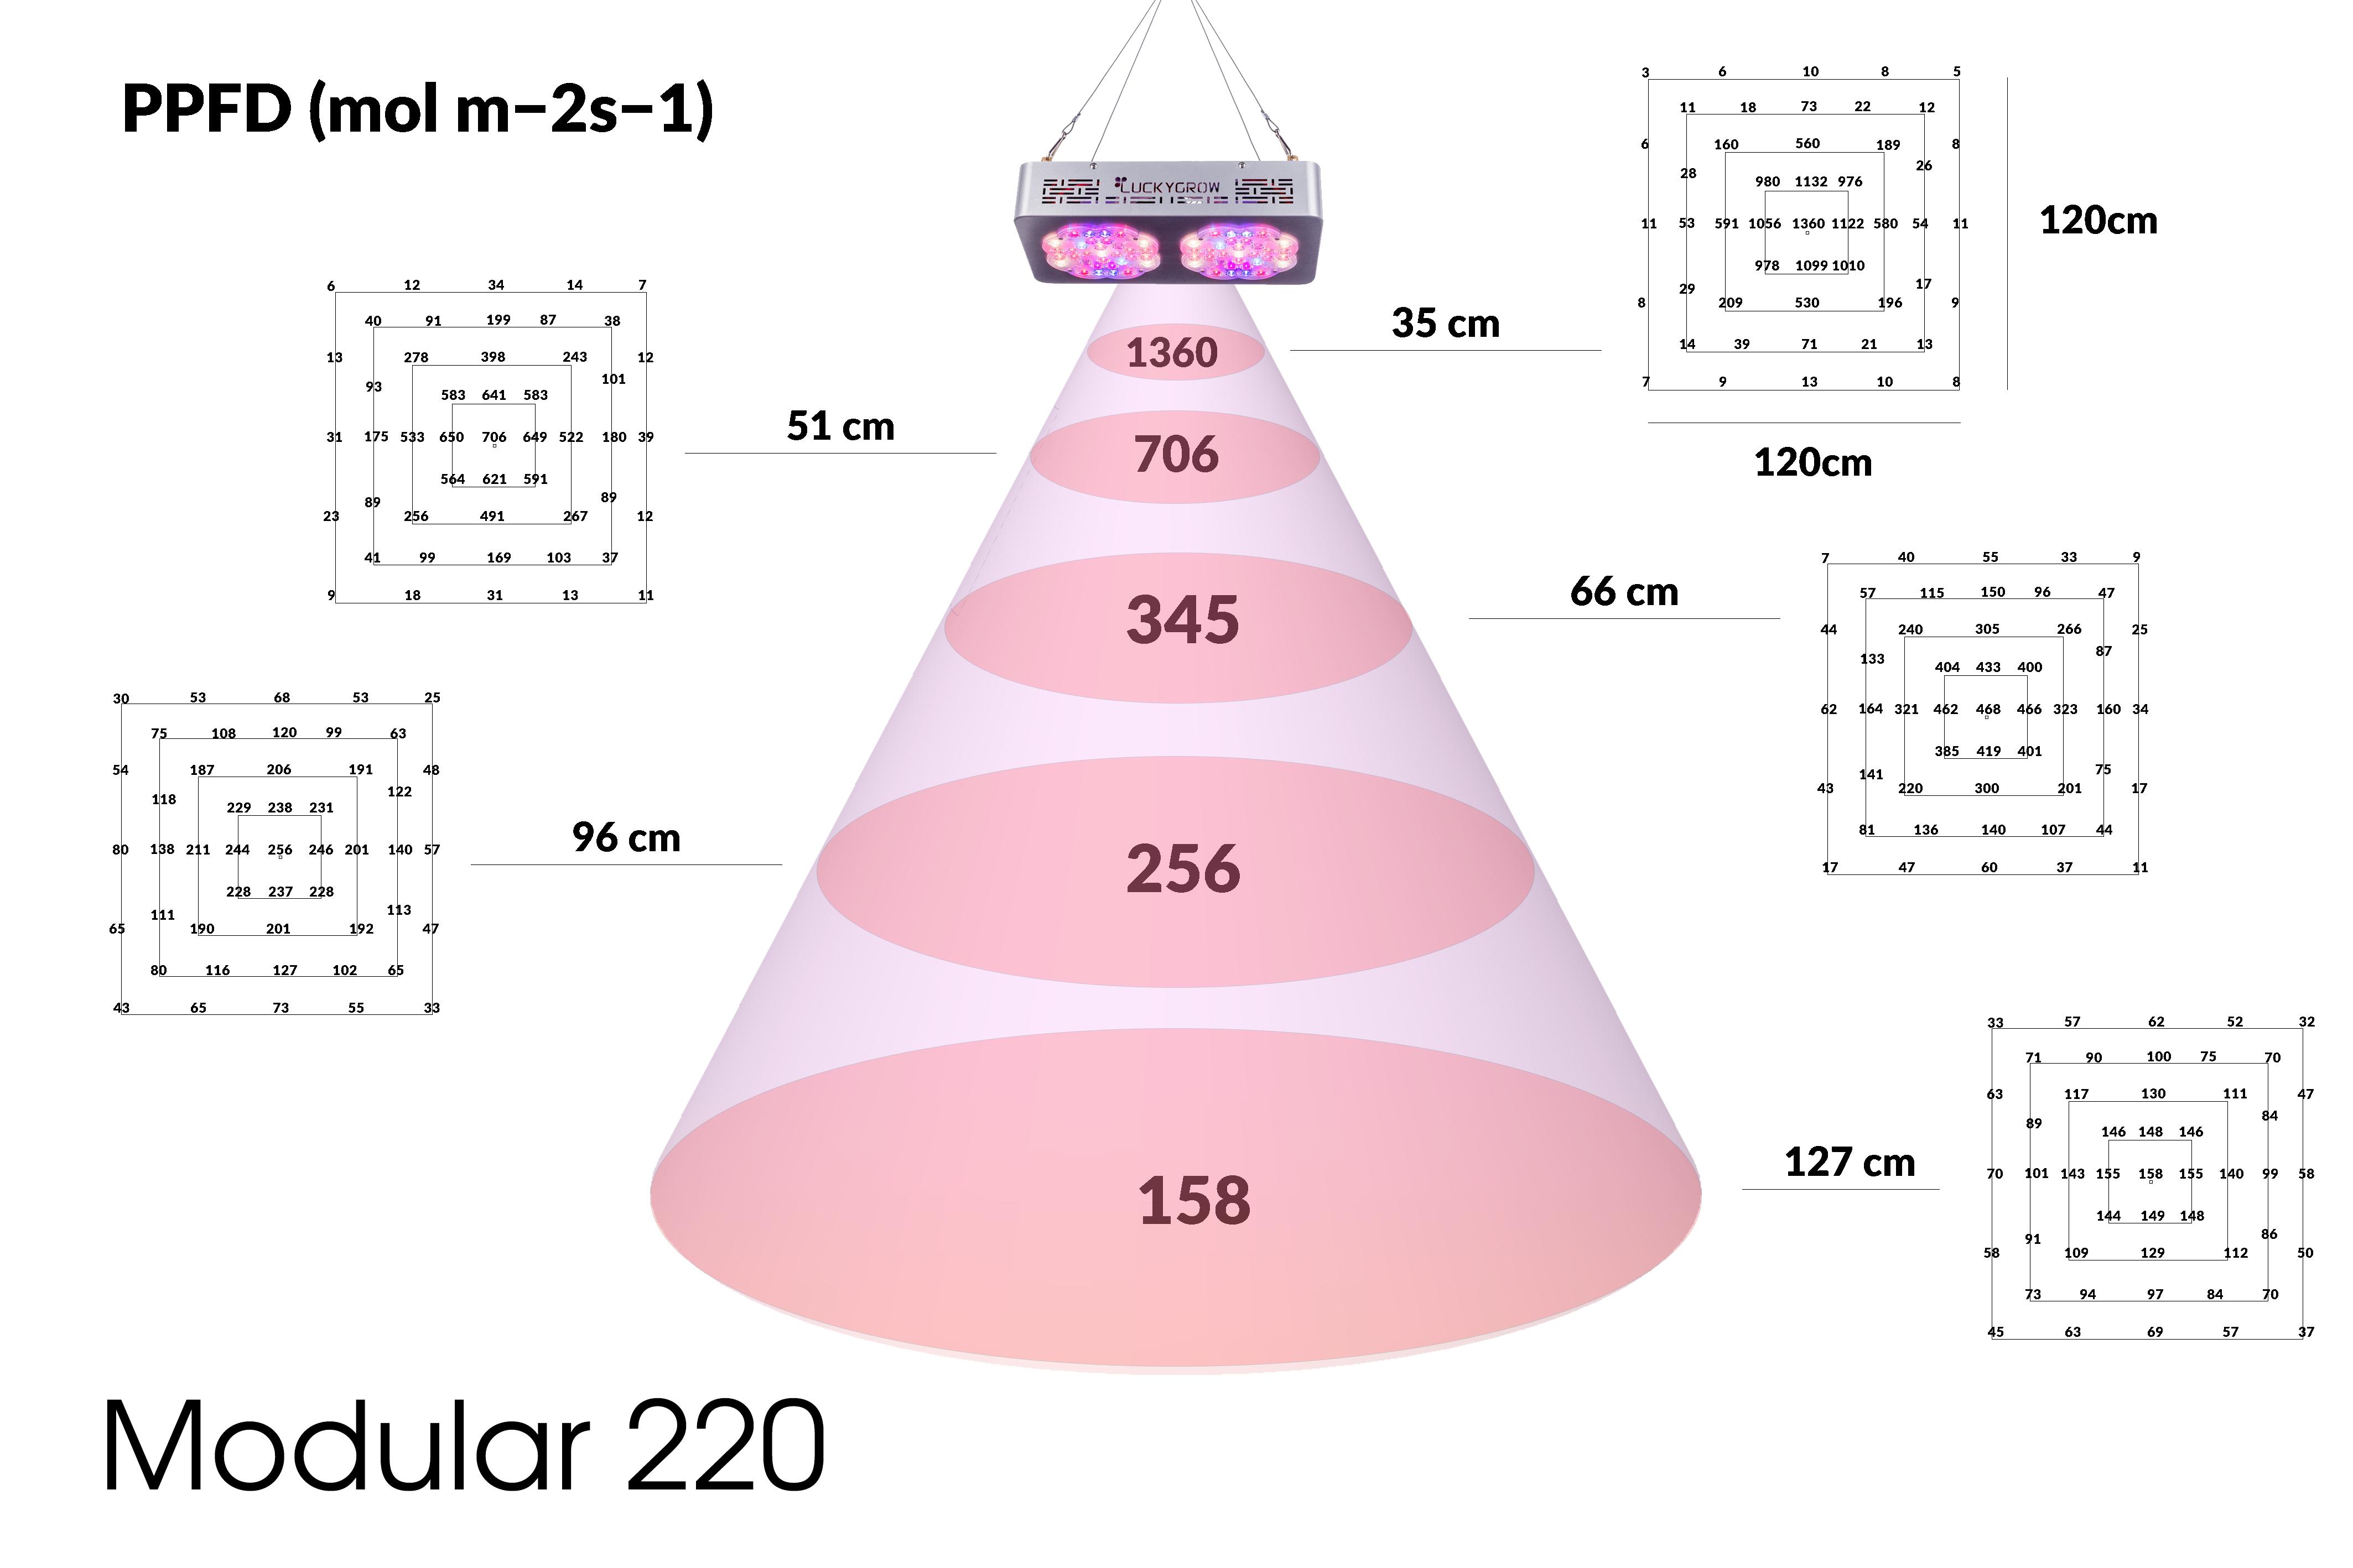 Luckygrow modular220 PAR